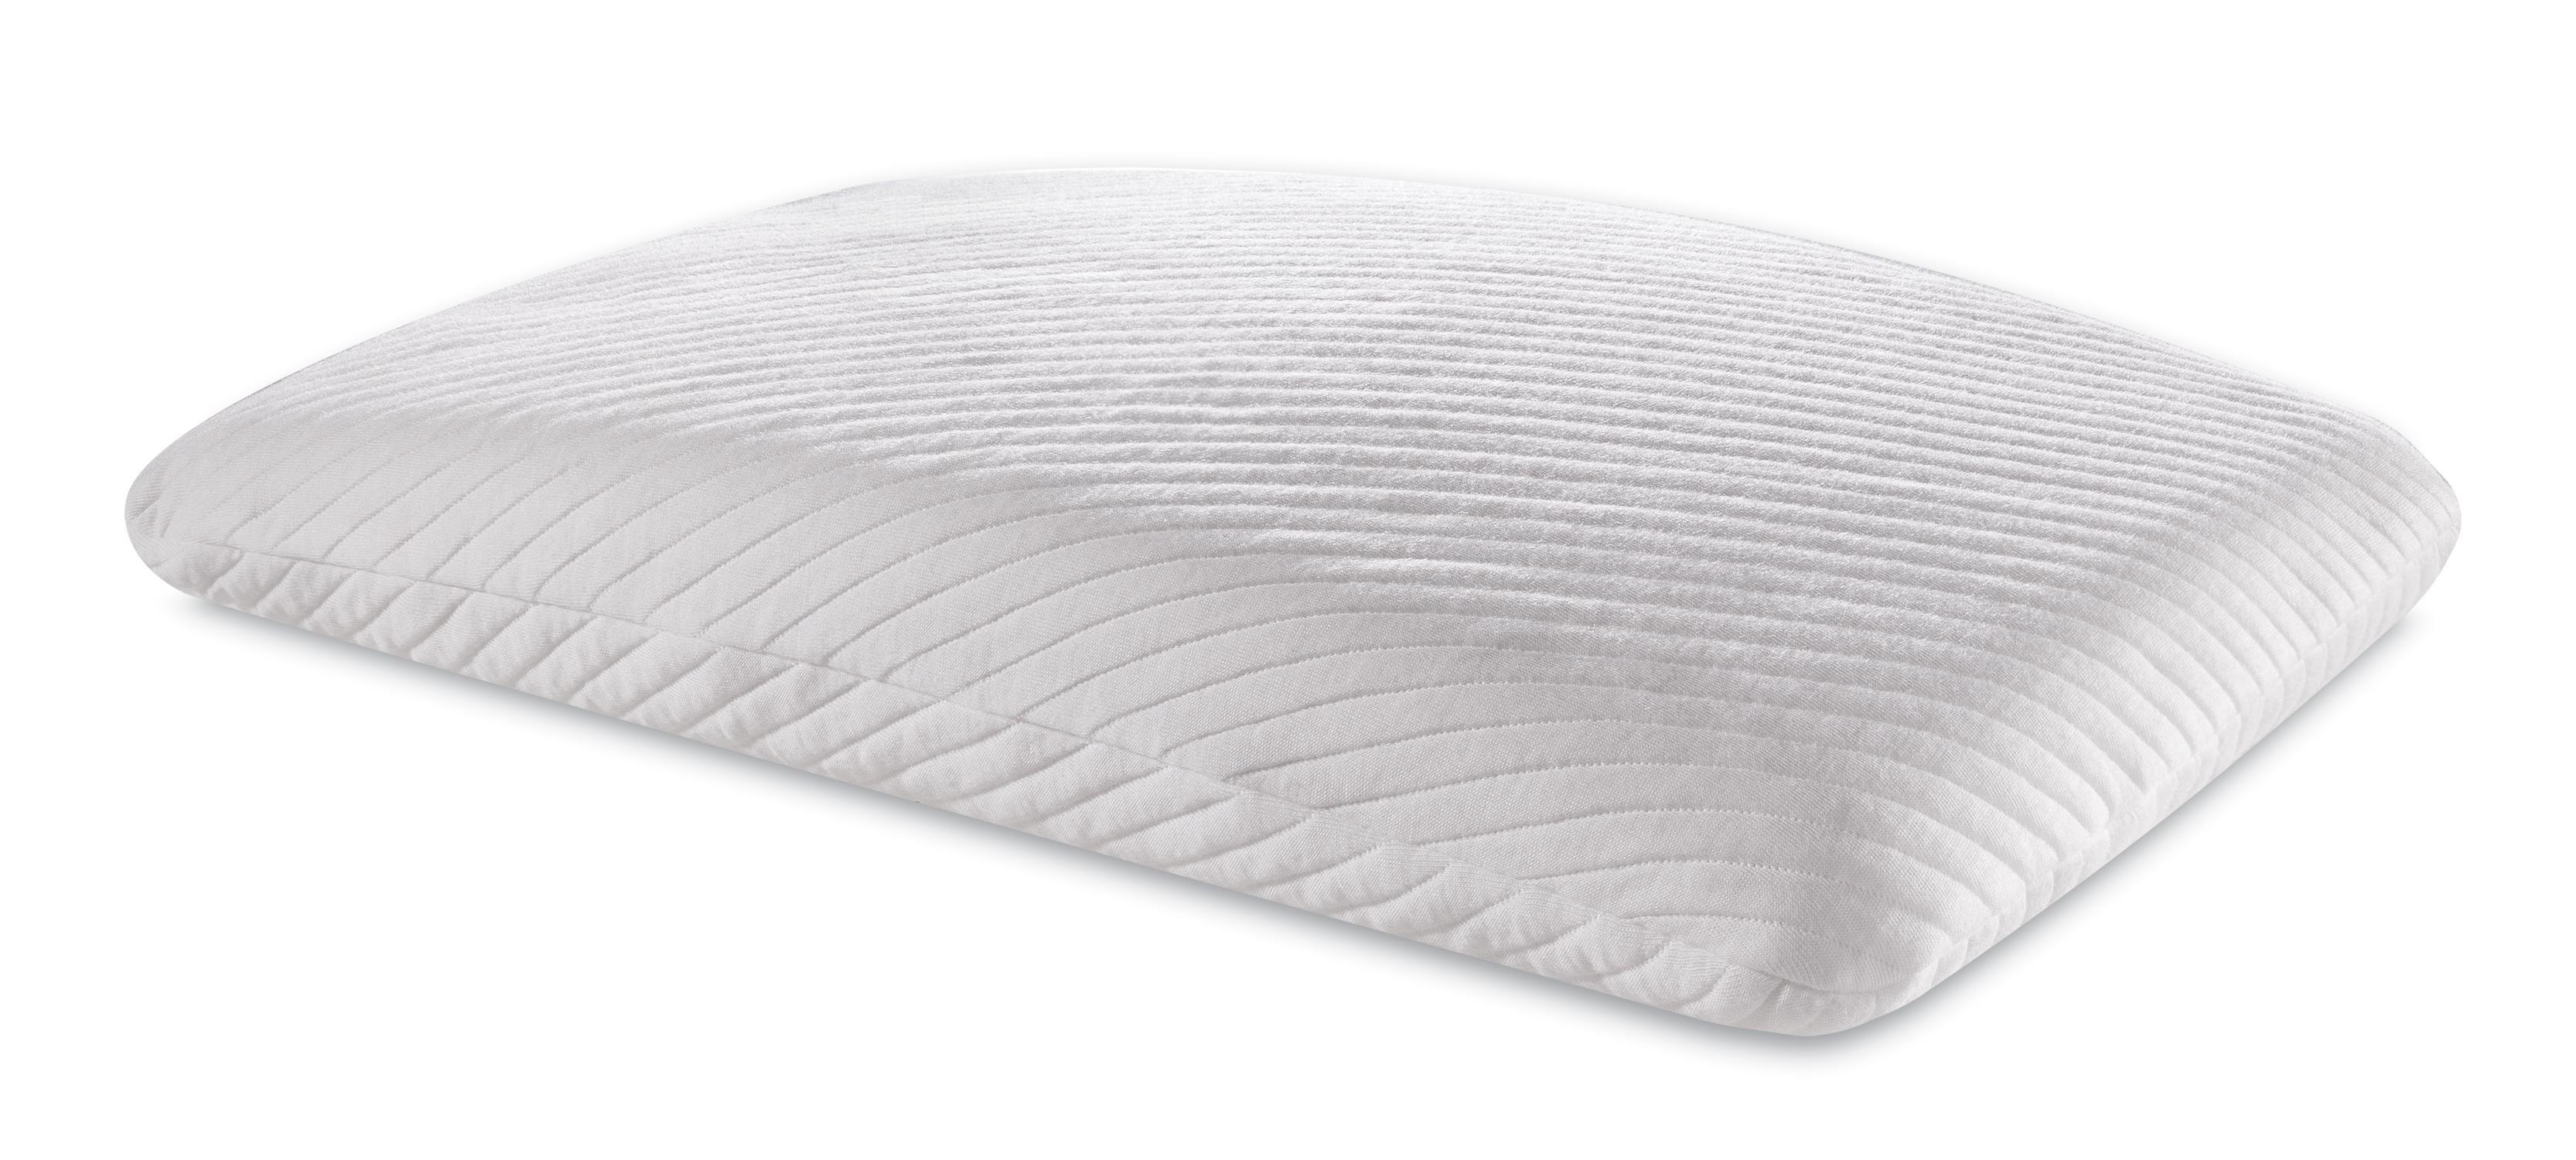 home pillows tech choosing tempurpedic k high pillow a room htgb carley guest mattress sidesleep